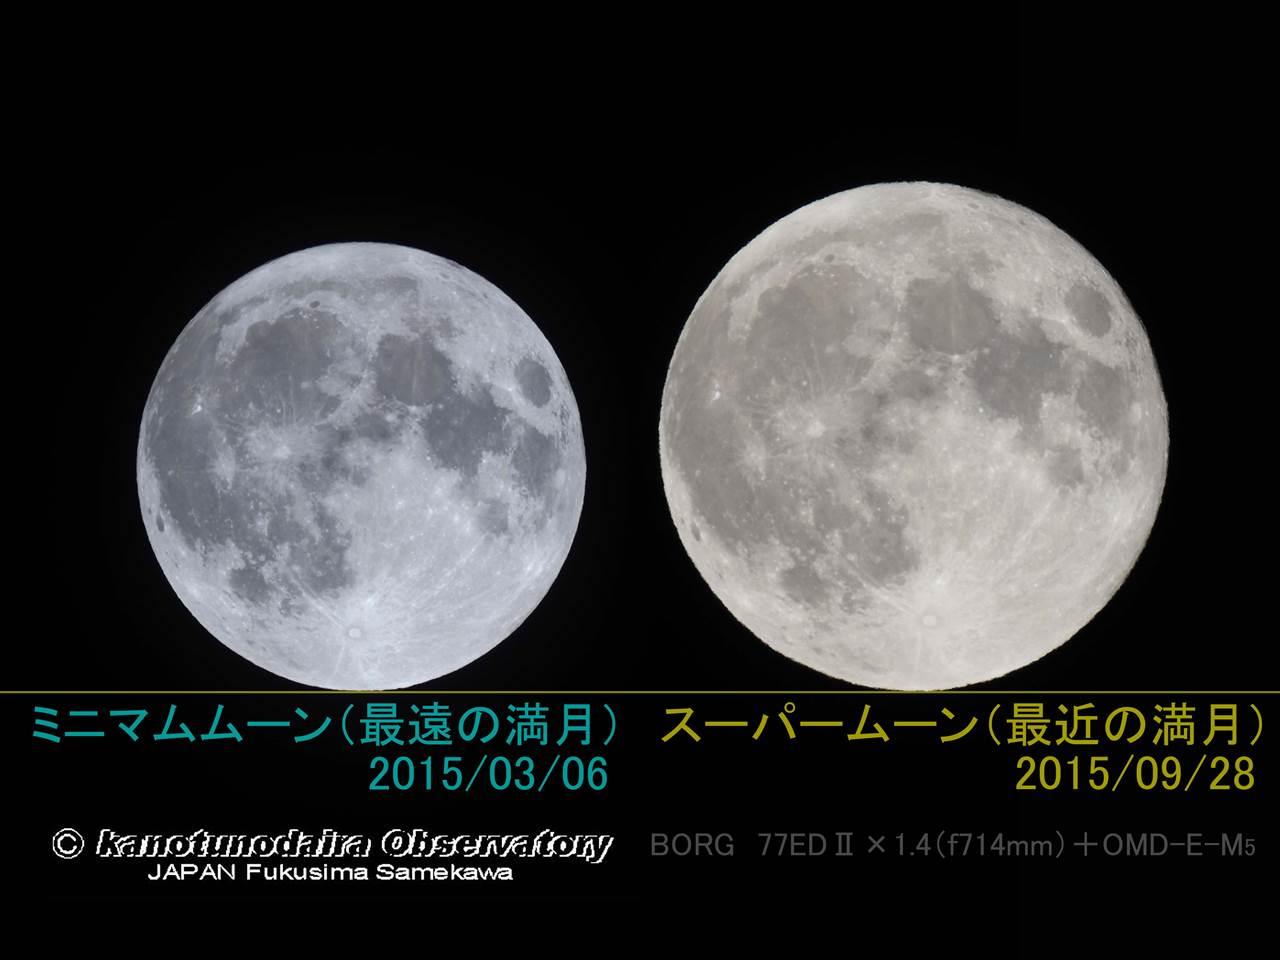 大きい満月と小さい満月